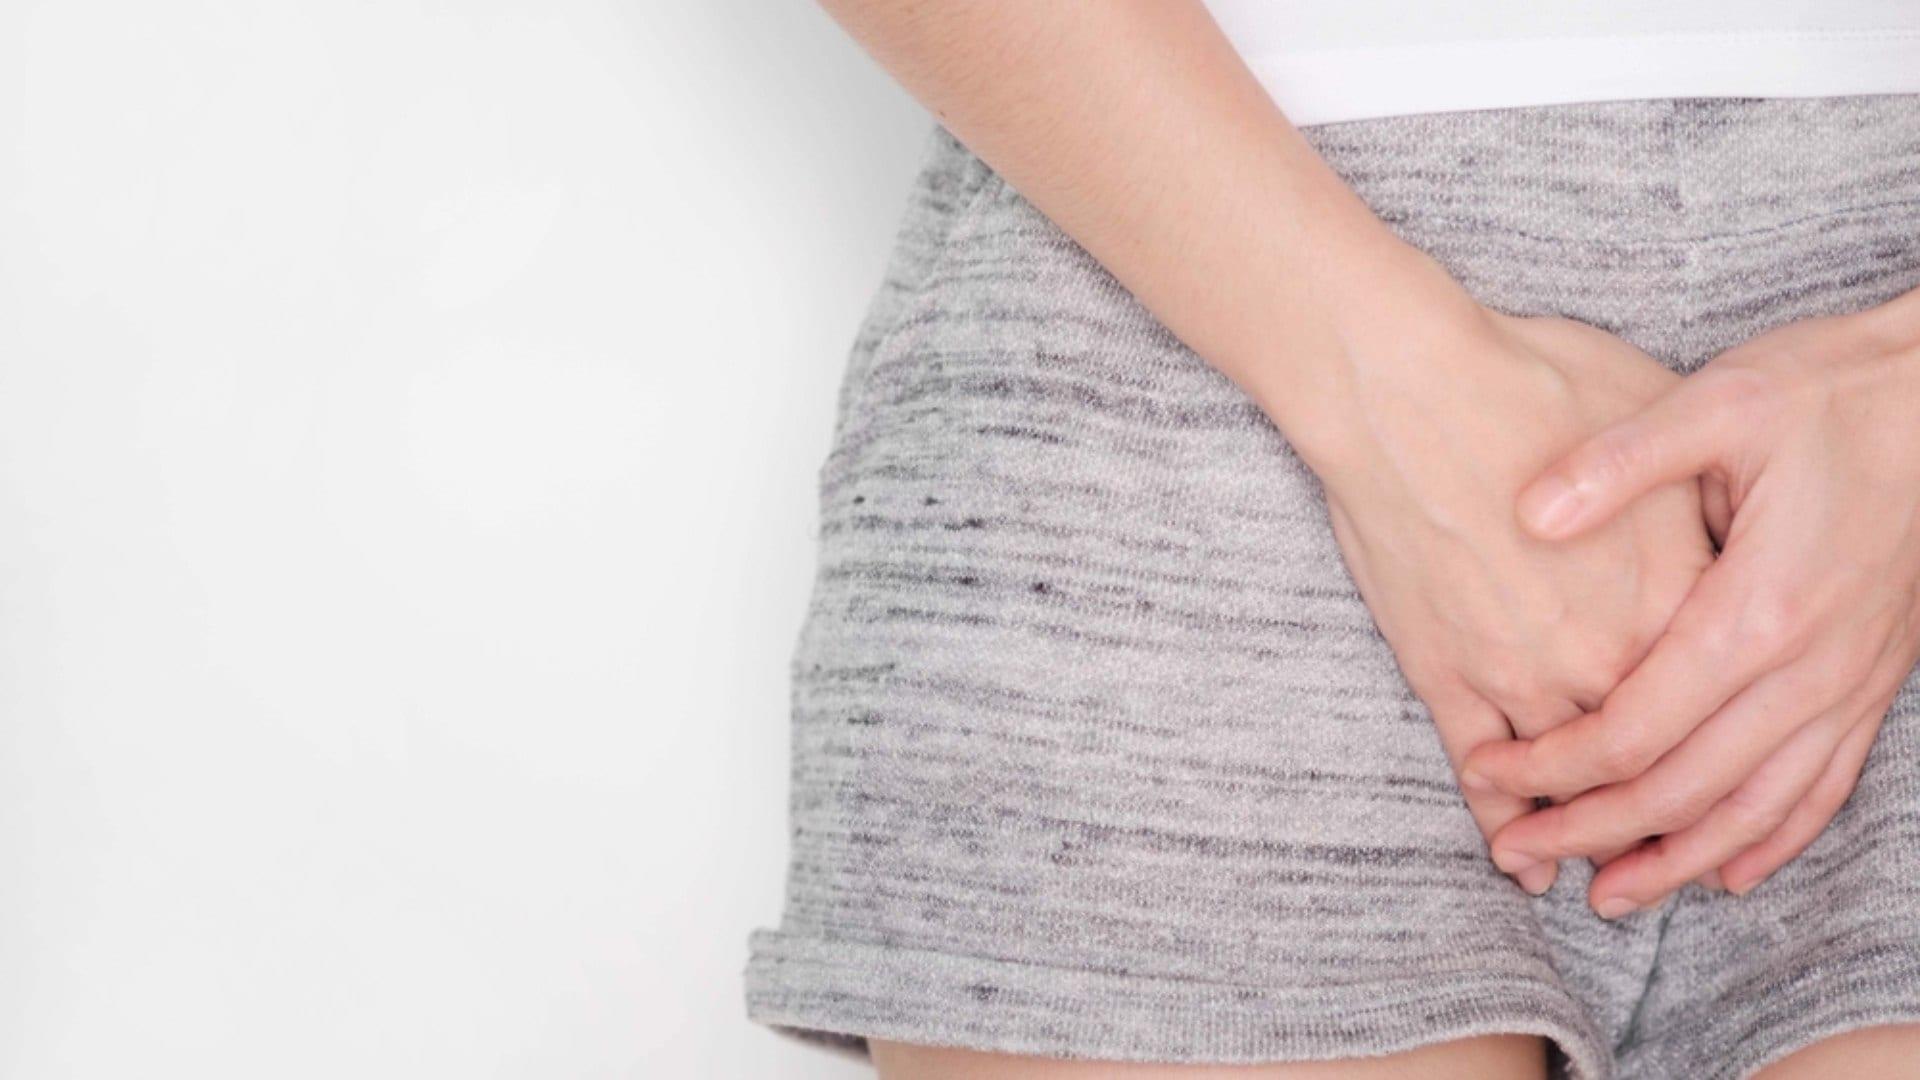 Muco cervical - O que é, para que serve e como avaliar?